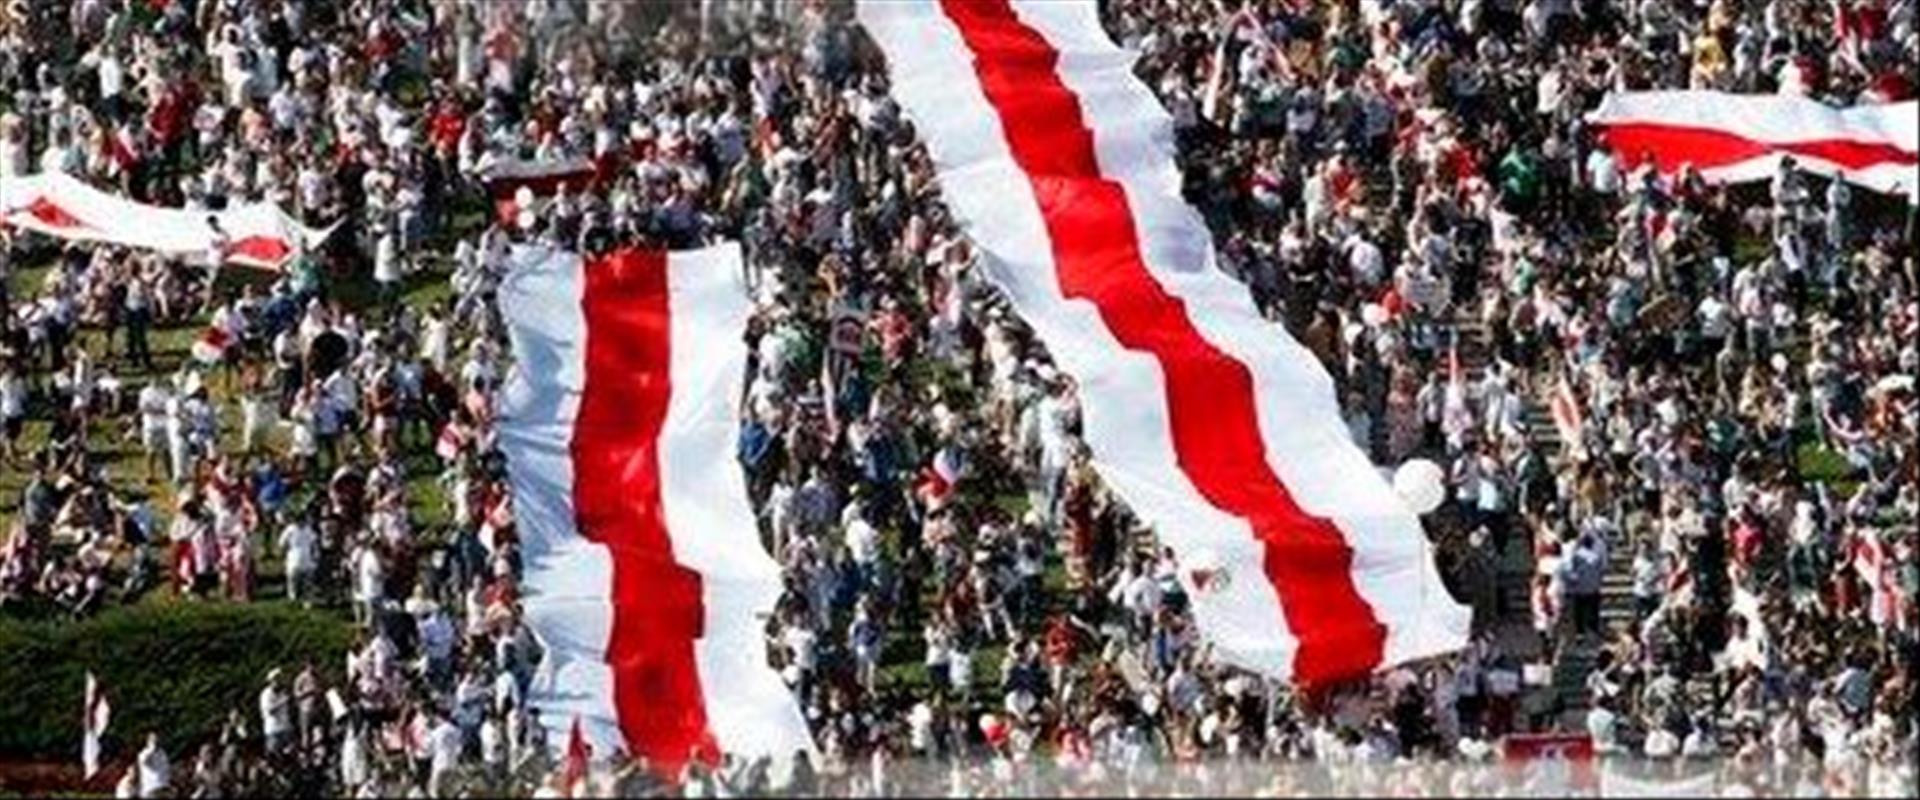 המחאה בבלארוס, השבוע